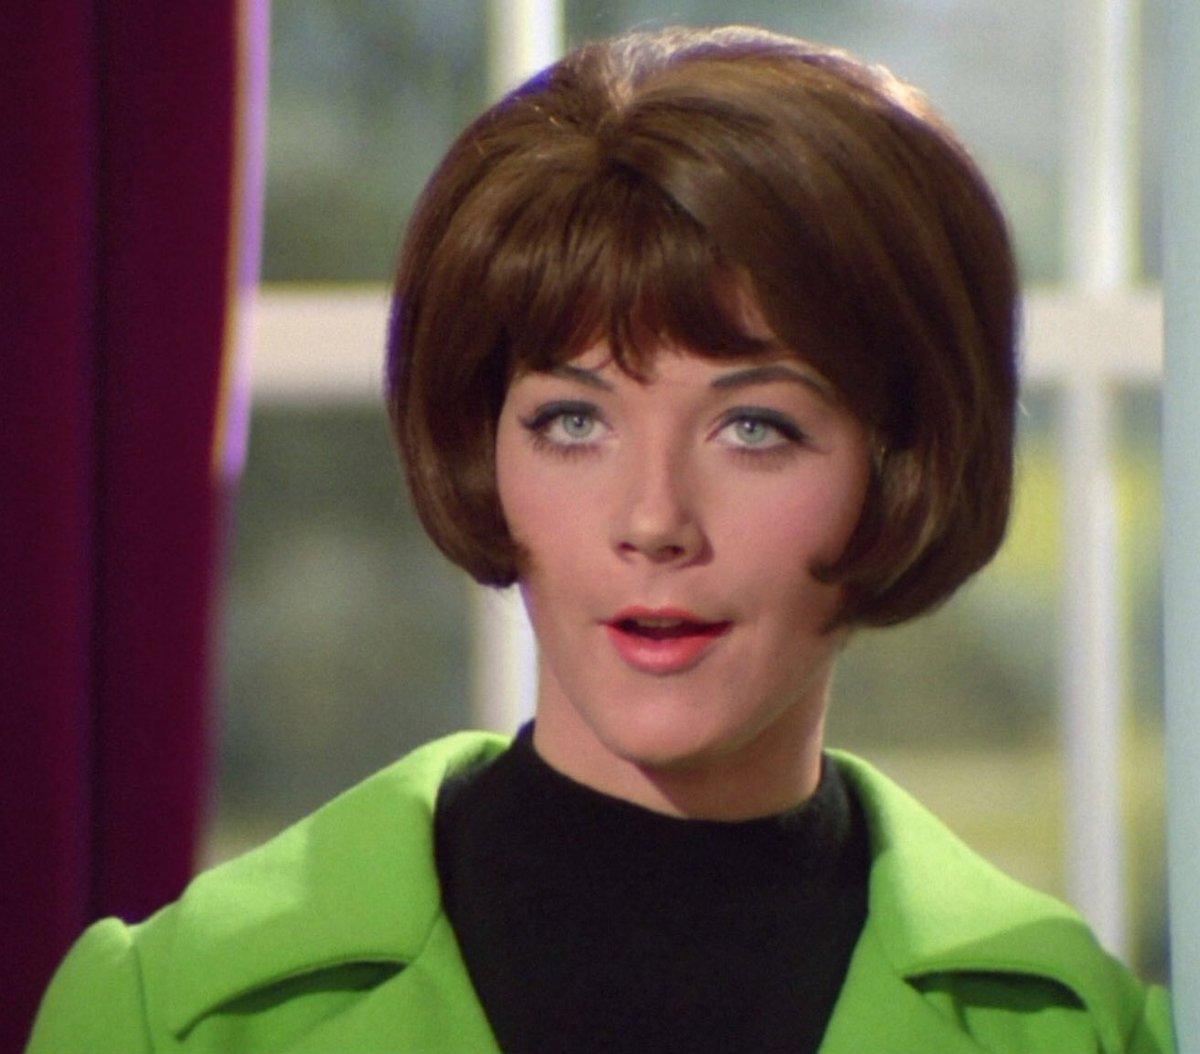 Watch Diana King (actress) video